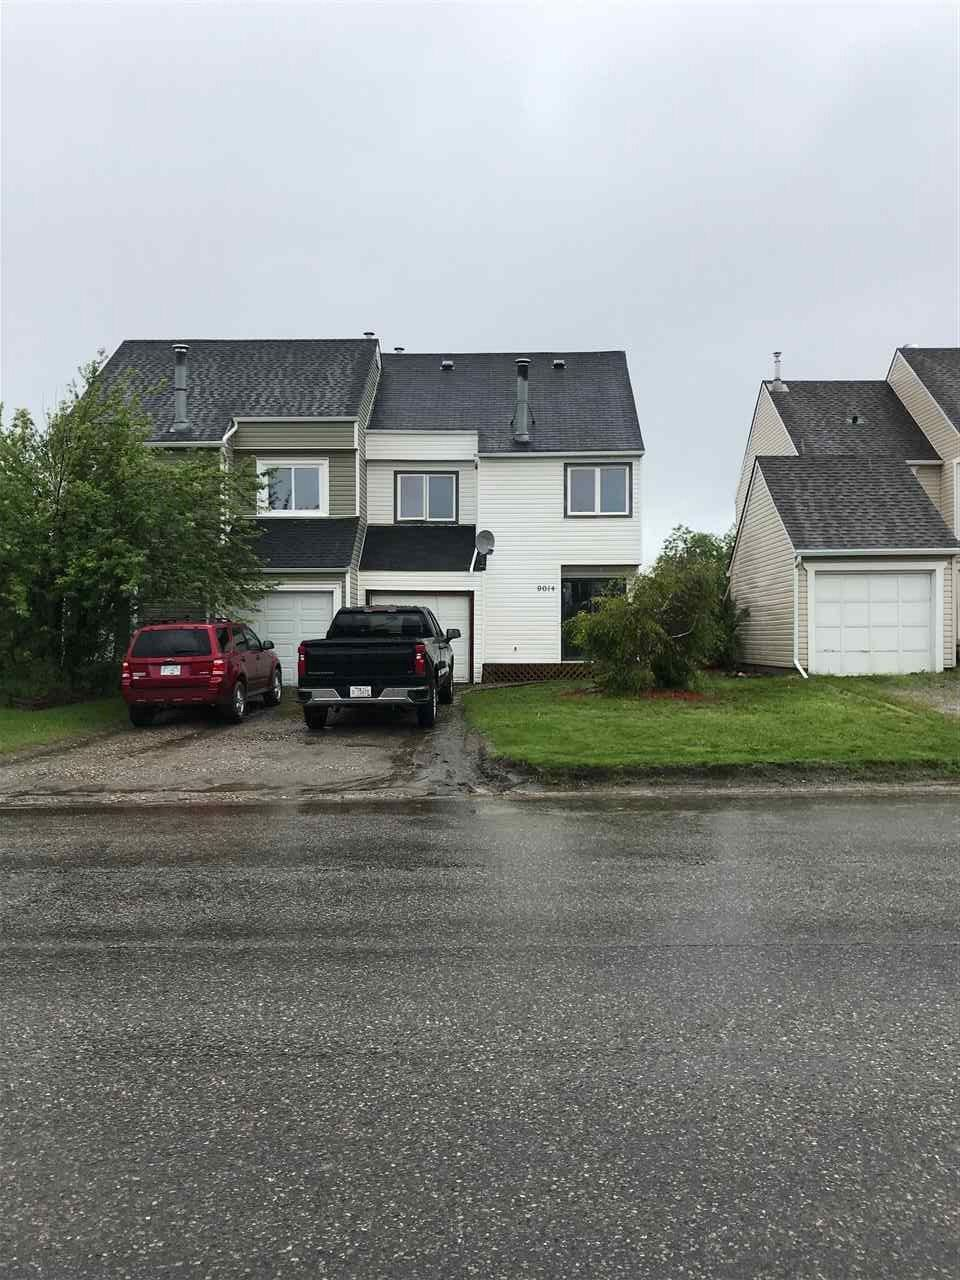 Main Photo: 9014 112 Avenue in Fort St. John: Fort St. John - City NE 1/2 Duplex for sale (Fort St. John (Zone 60))  : MLS®# R2534695